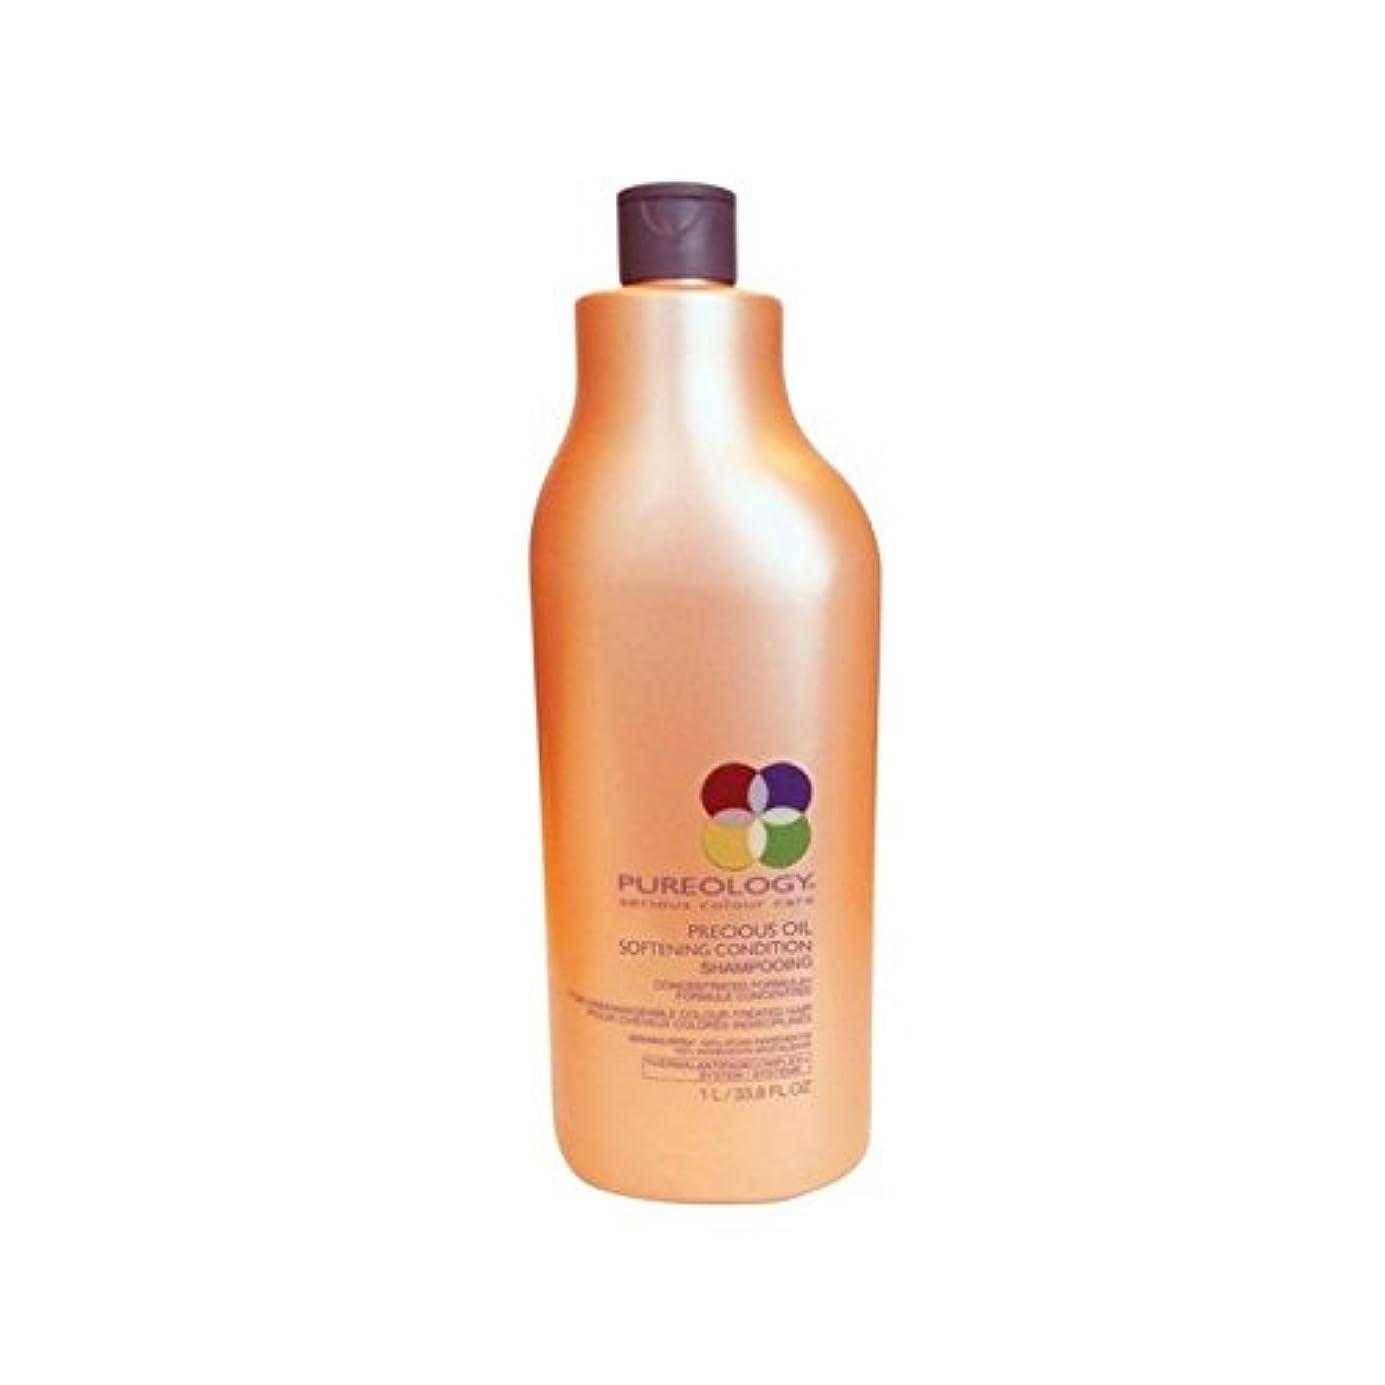 代数エーカー力貴重なオイルコンディショナー(千ミリリットル) x2 - Pureology Precious Oil Conditioner (1000ml) (Pack of 2) [並行輸入品]